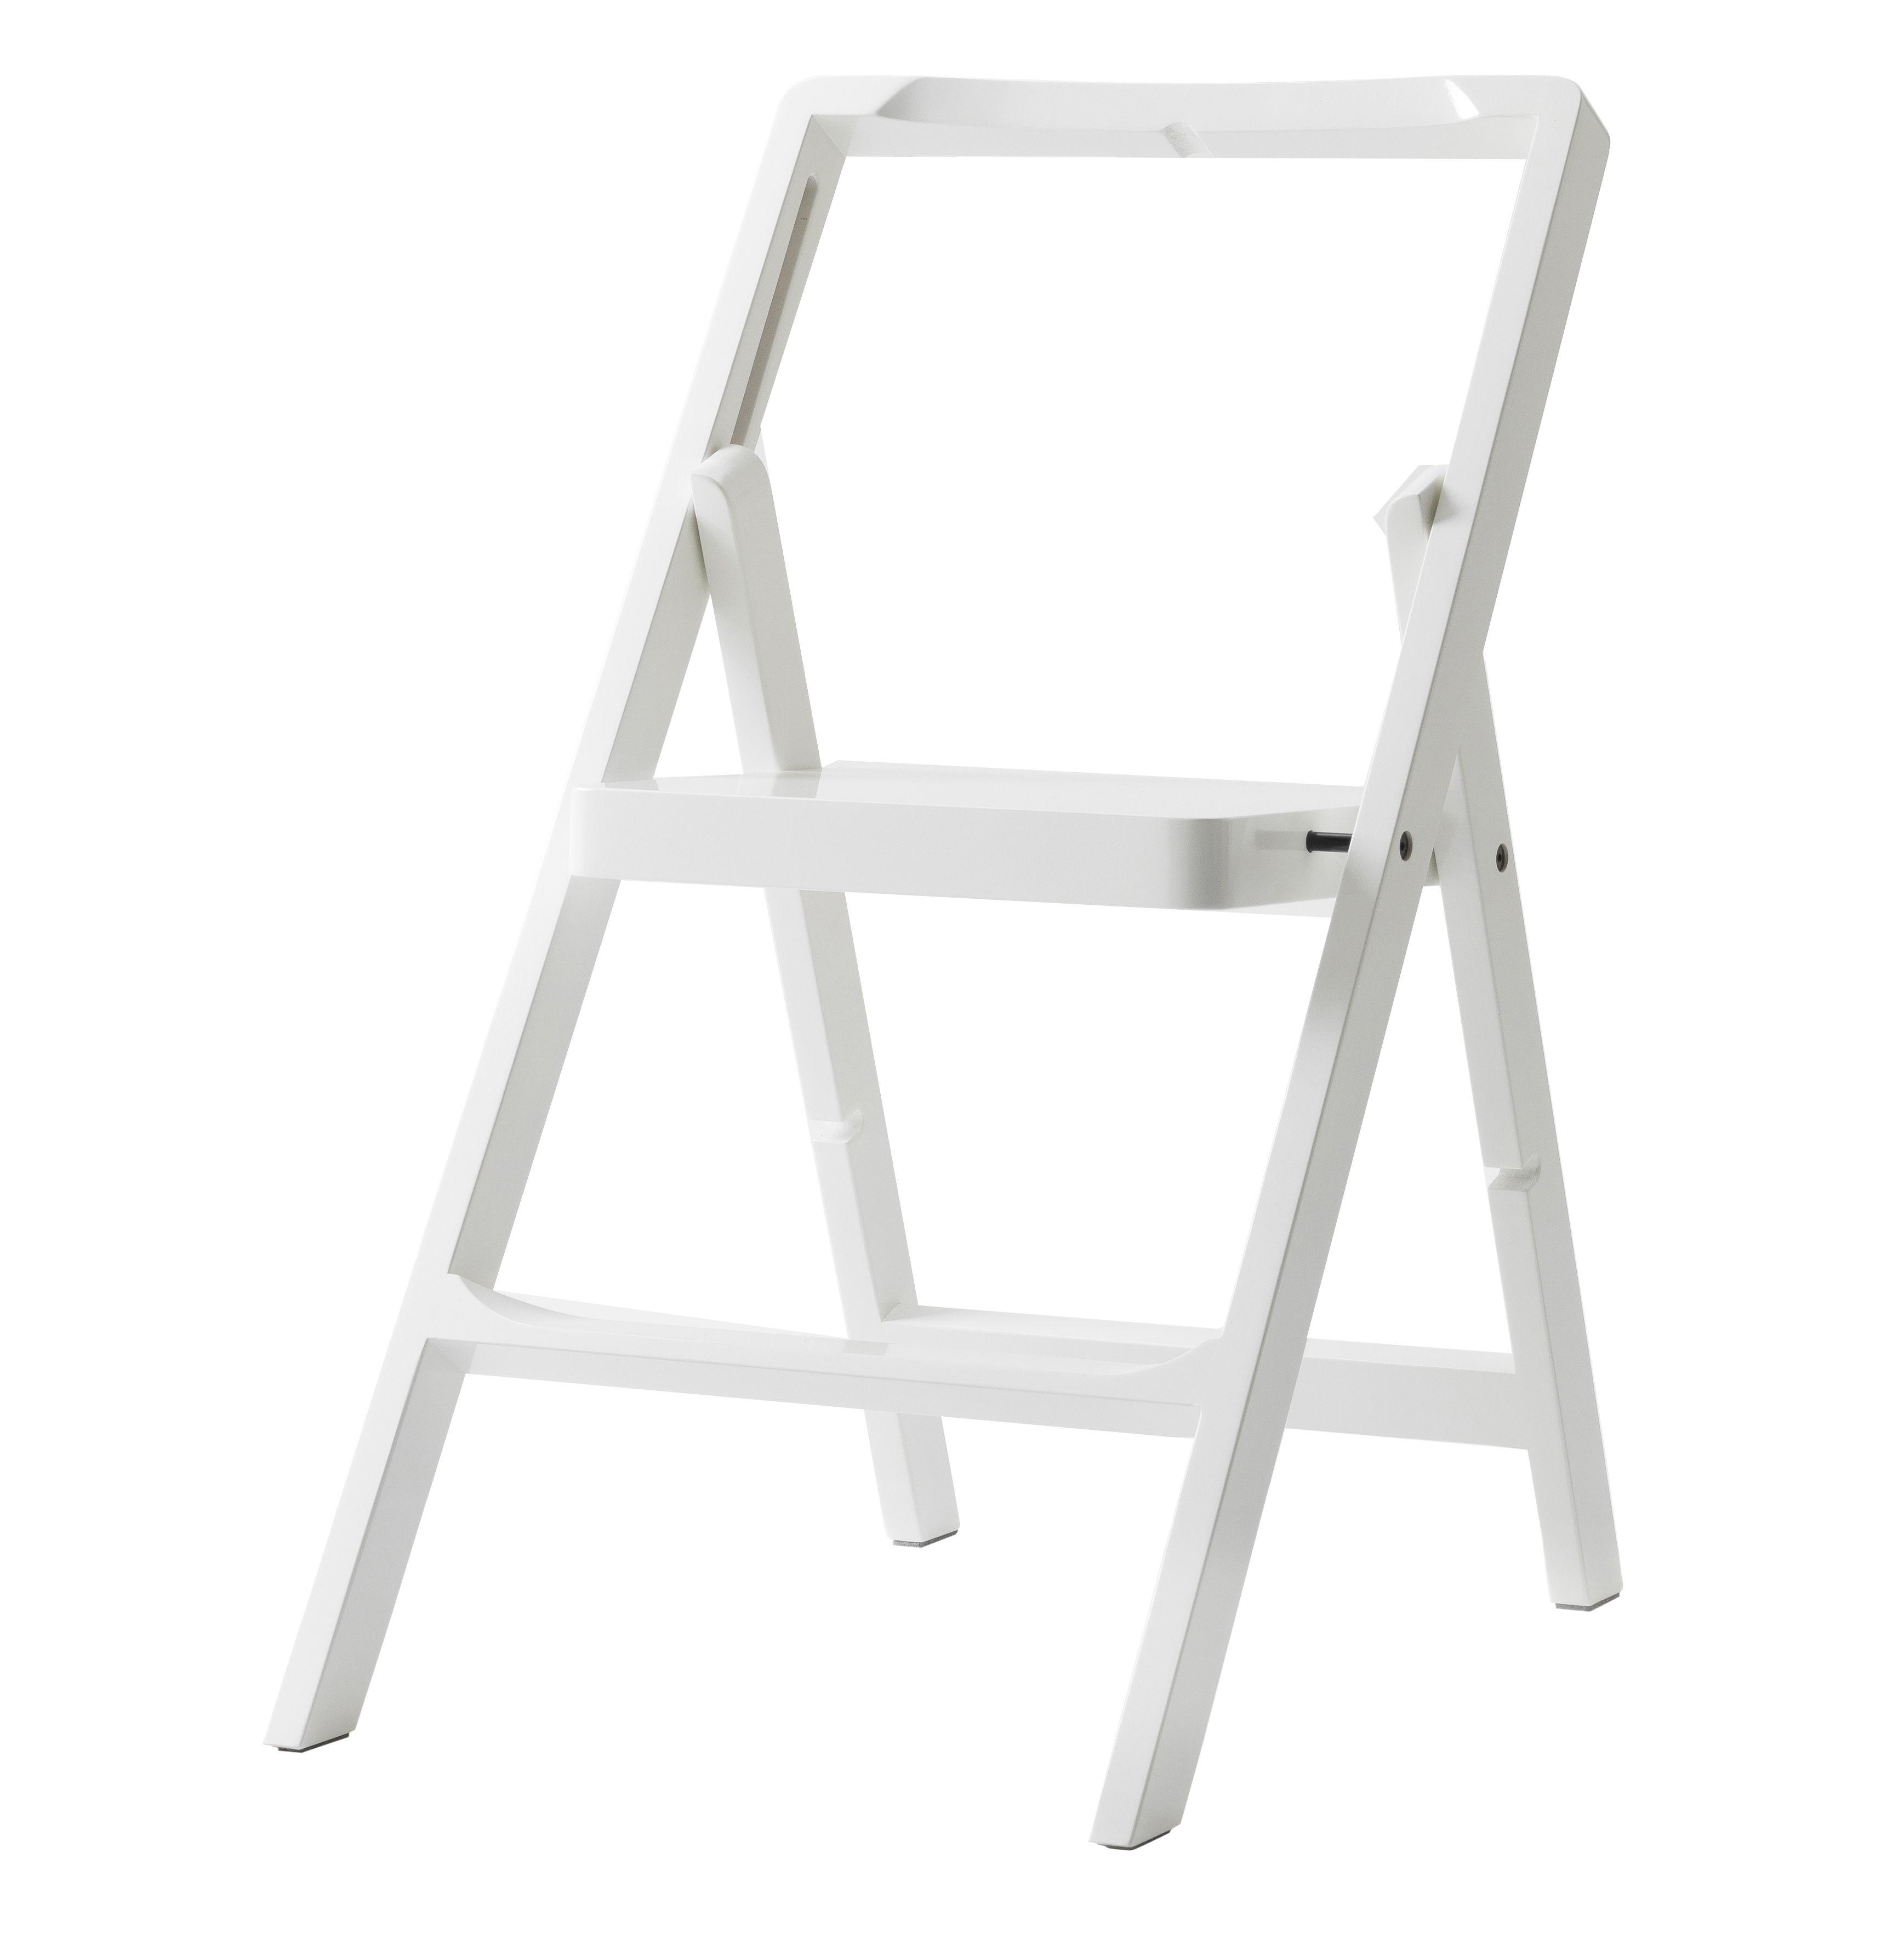 Arredamento - Complementi d'arredo - Scaletta Mini Step / H 45 cm - Sedia pieghevole - Design House Stockholm - Bianco - Faggio laccato